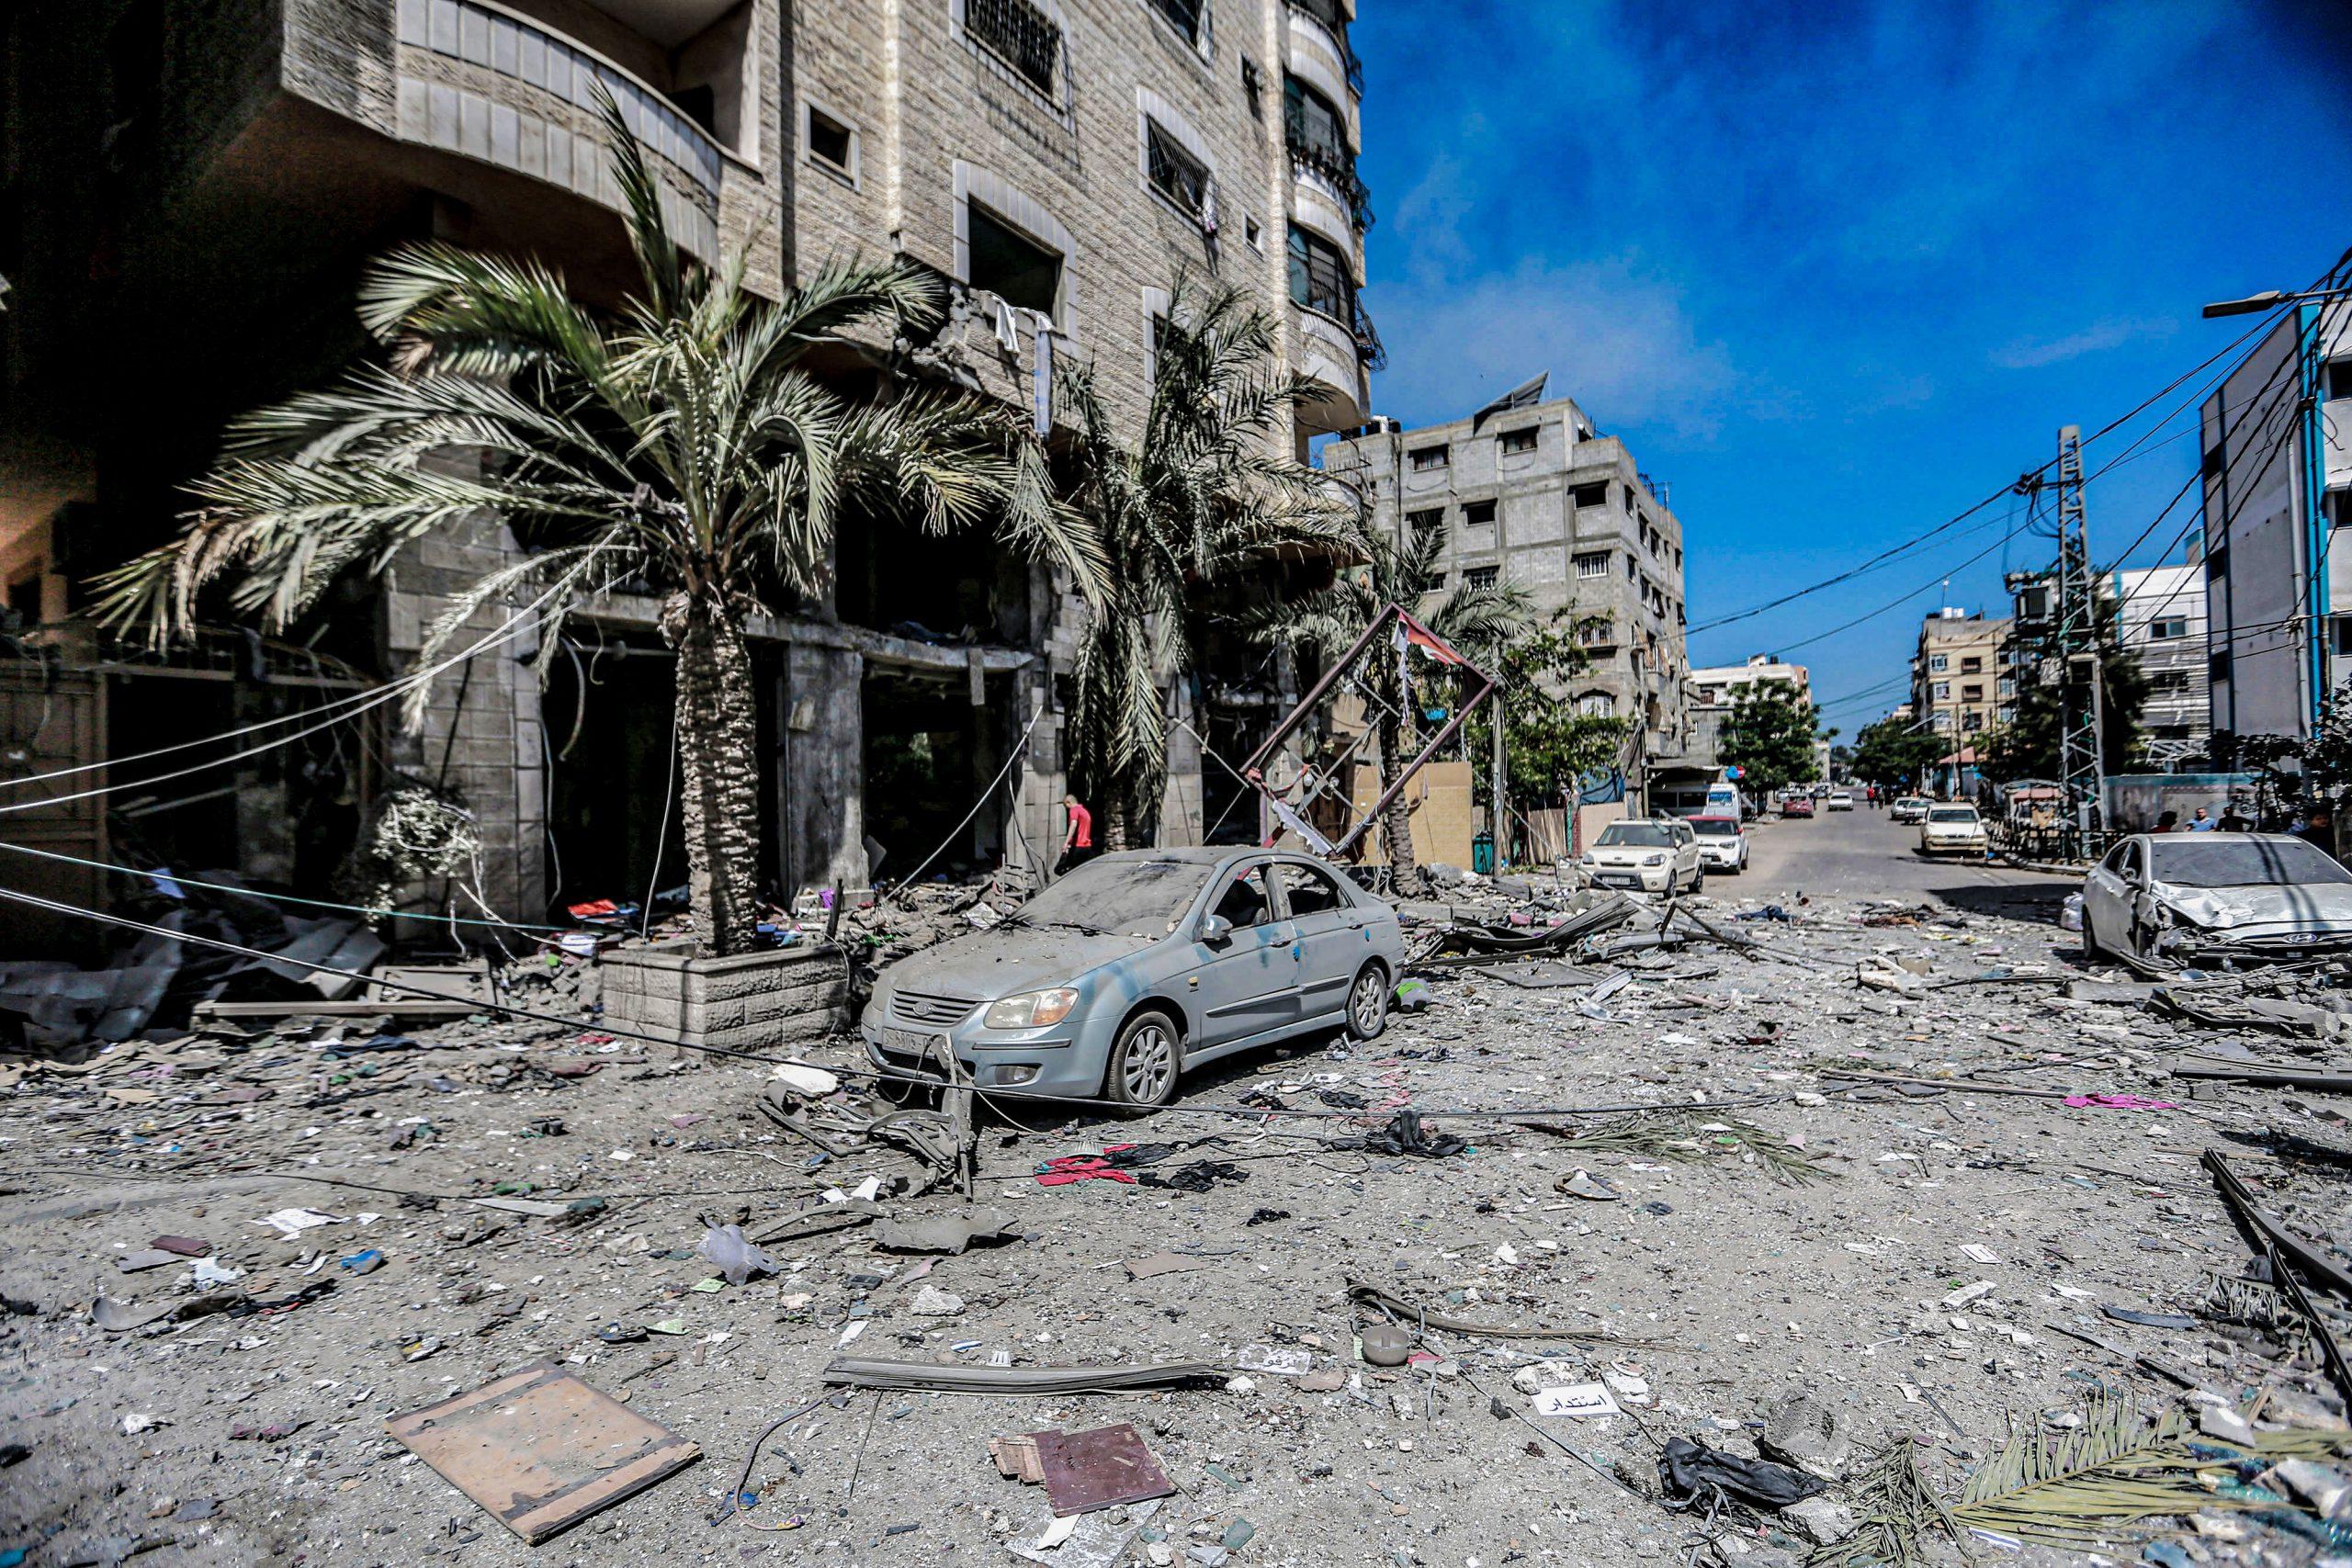 Un carrer després d'haver estat bombardejat per l'exèrcit d'Israel | Mohammed Talatene/dpa (Europa Press)